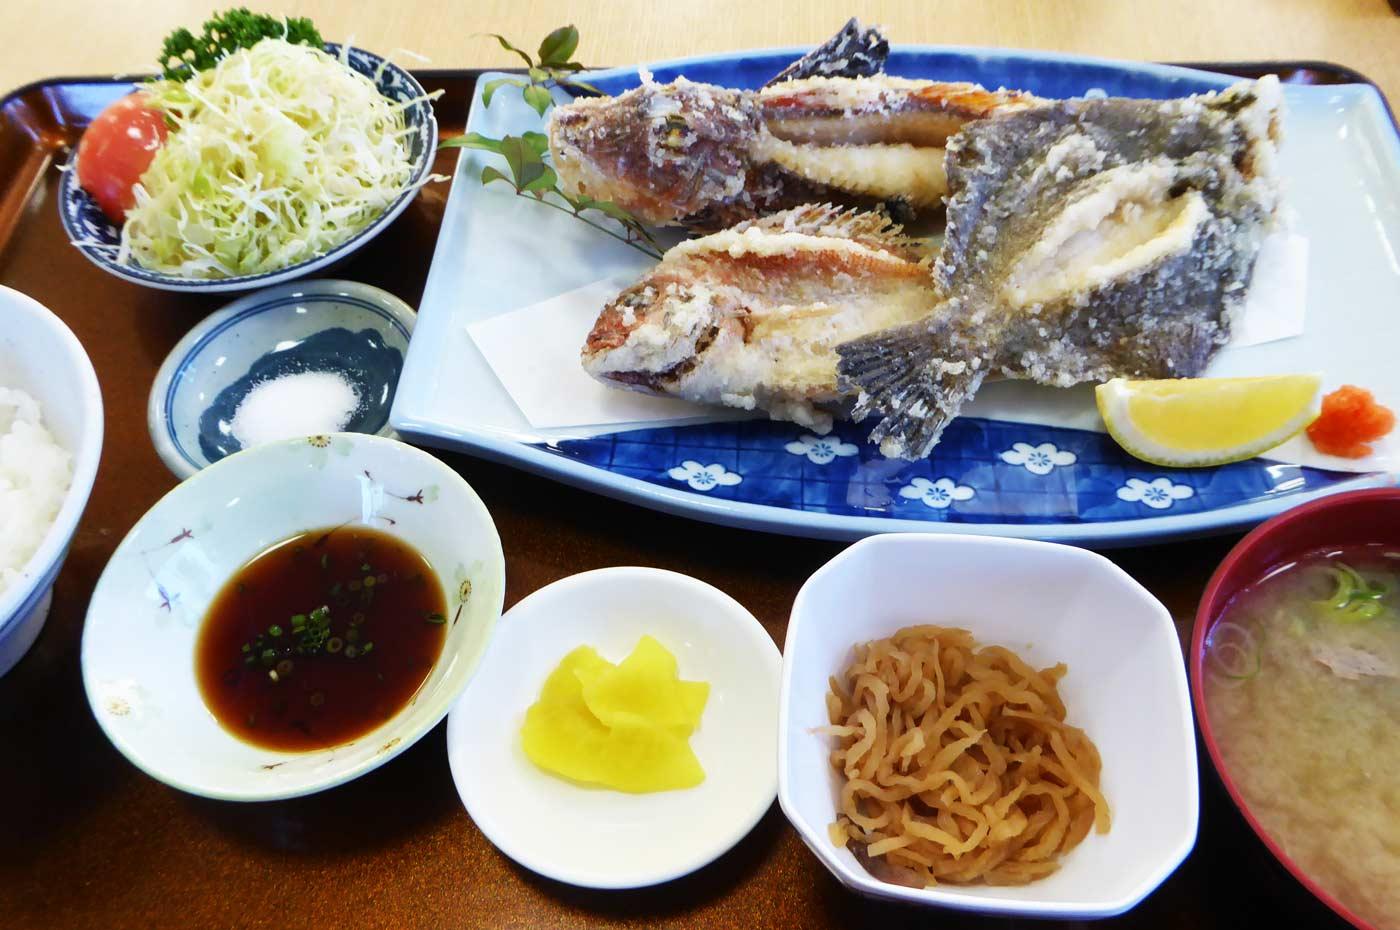 タイ、ホウボウ、マコガレイのからあげ定食